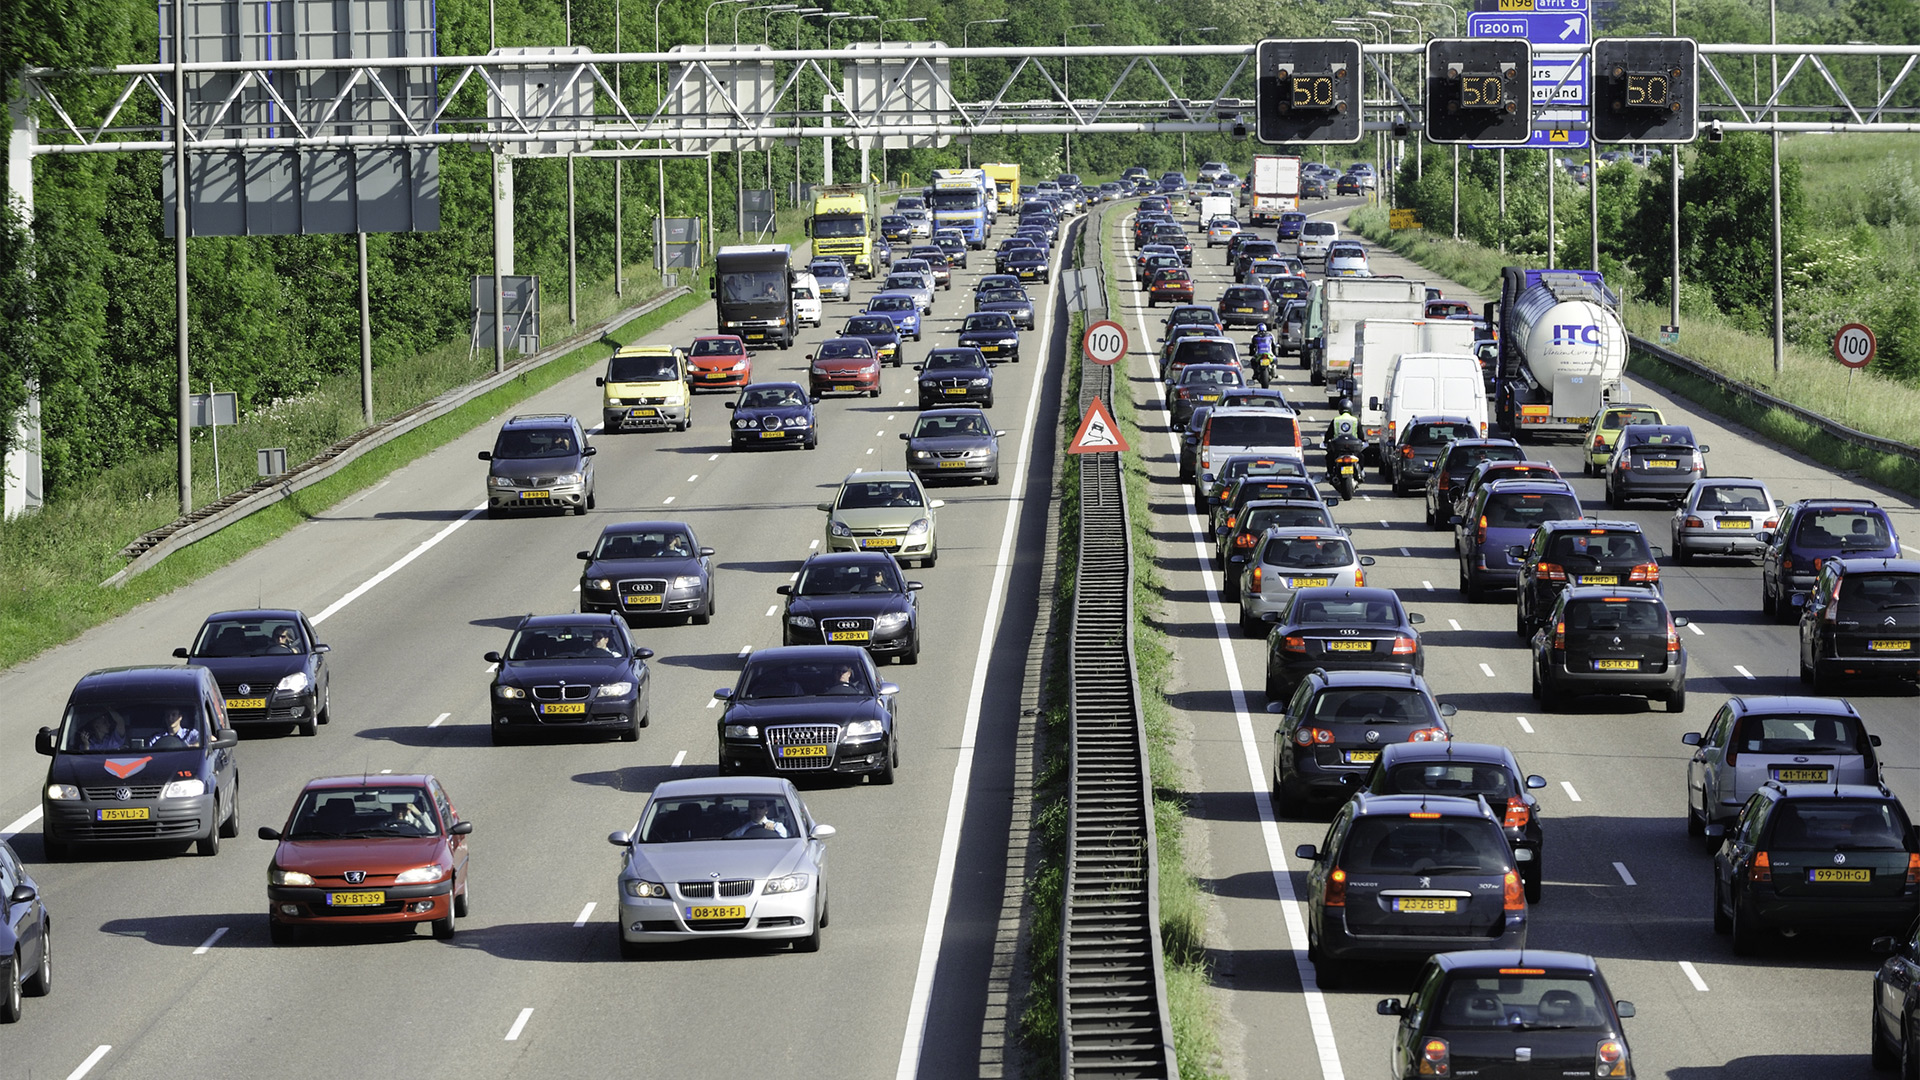 Dieselauto kost maatschappij geld